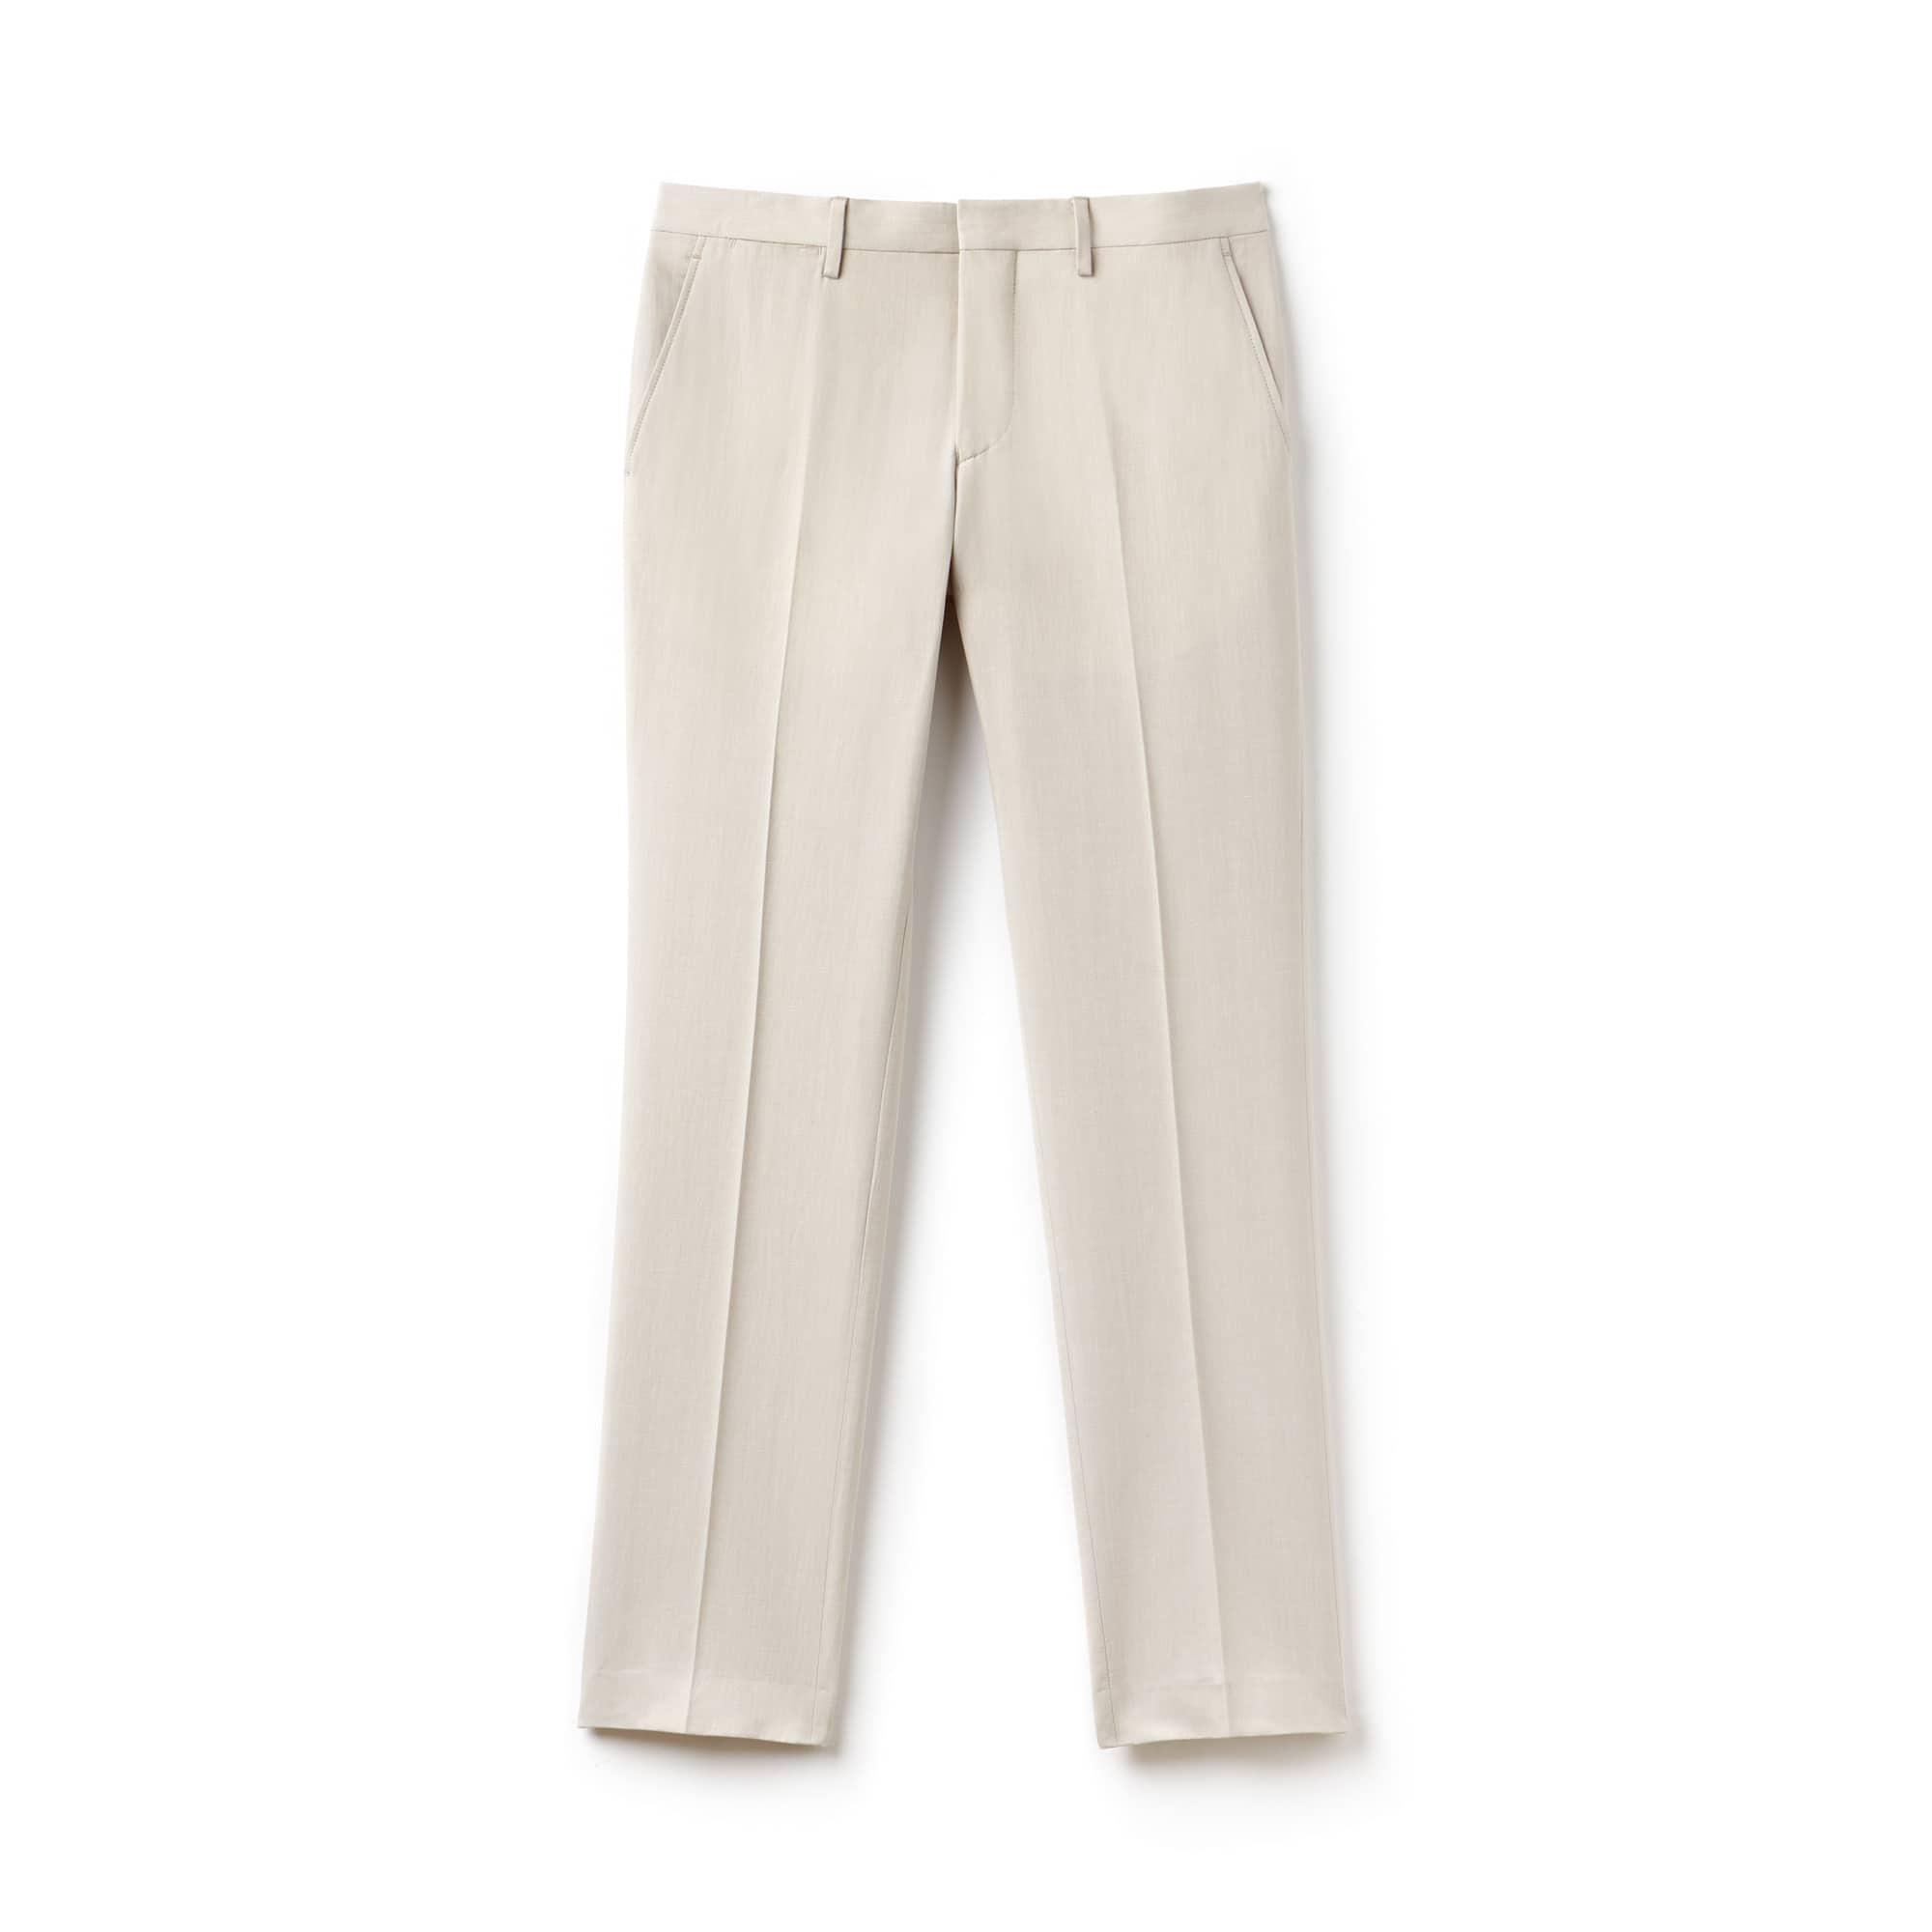 Pantalon chino à pinces slim fit en toile épaisse de coton et lin unie